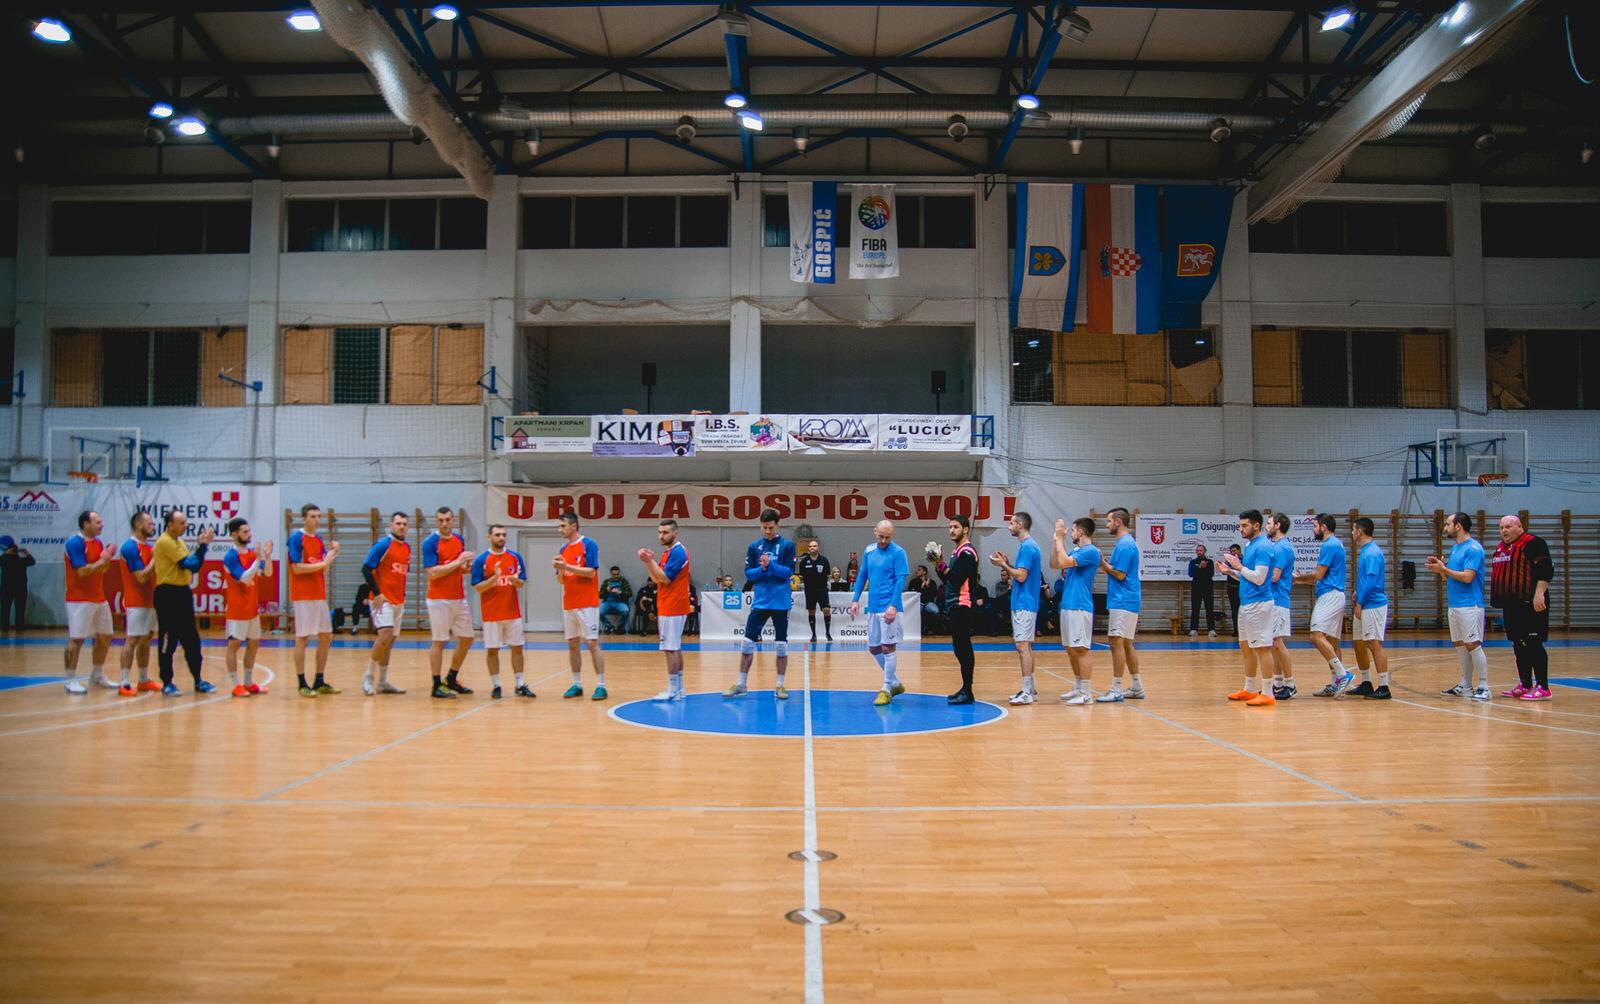 likaclub_gospić_zimski-malonogometni-turnir-2018-19-47